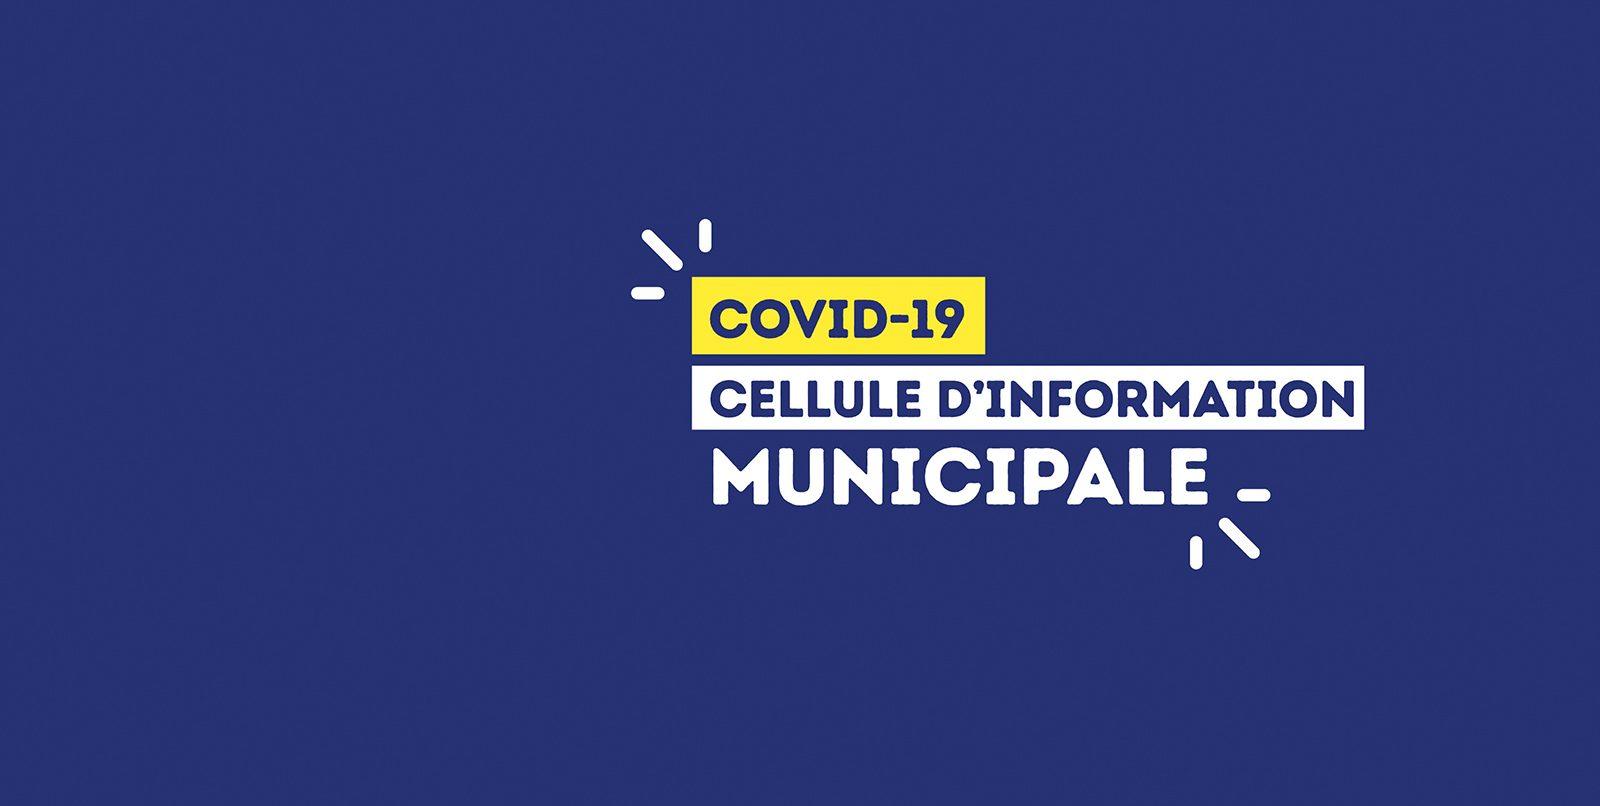 cellule d'information municipale